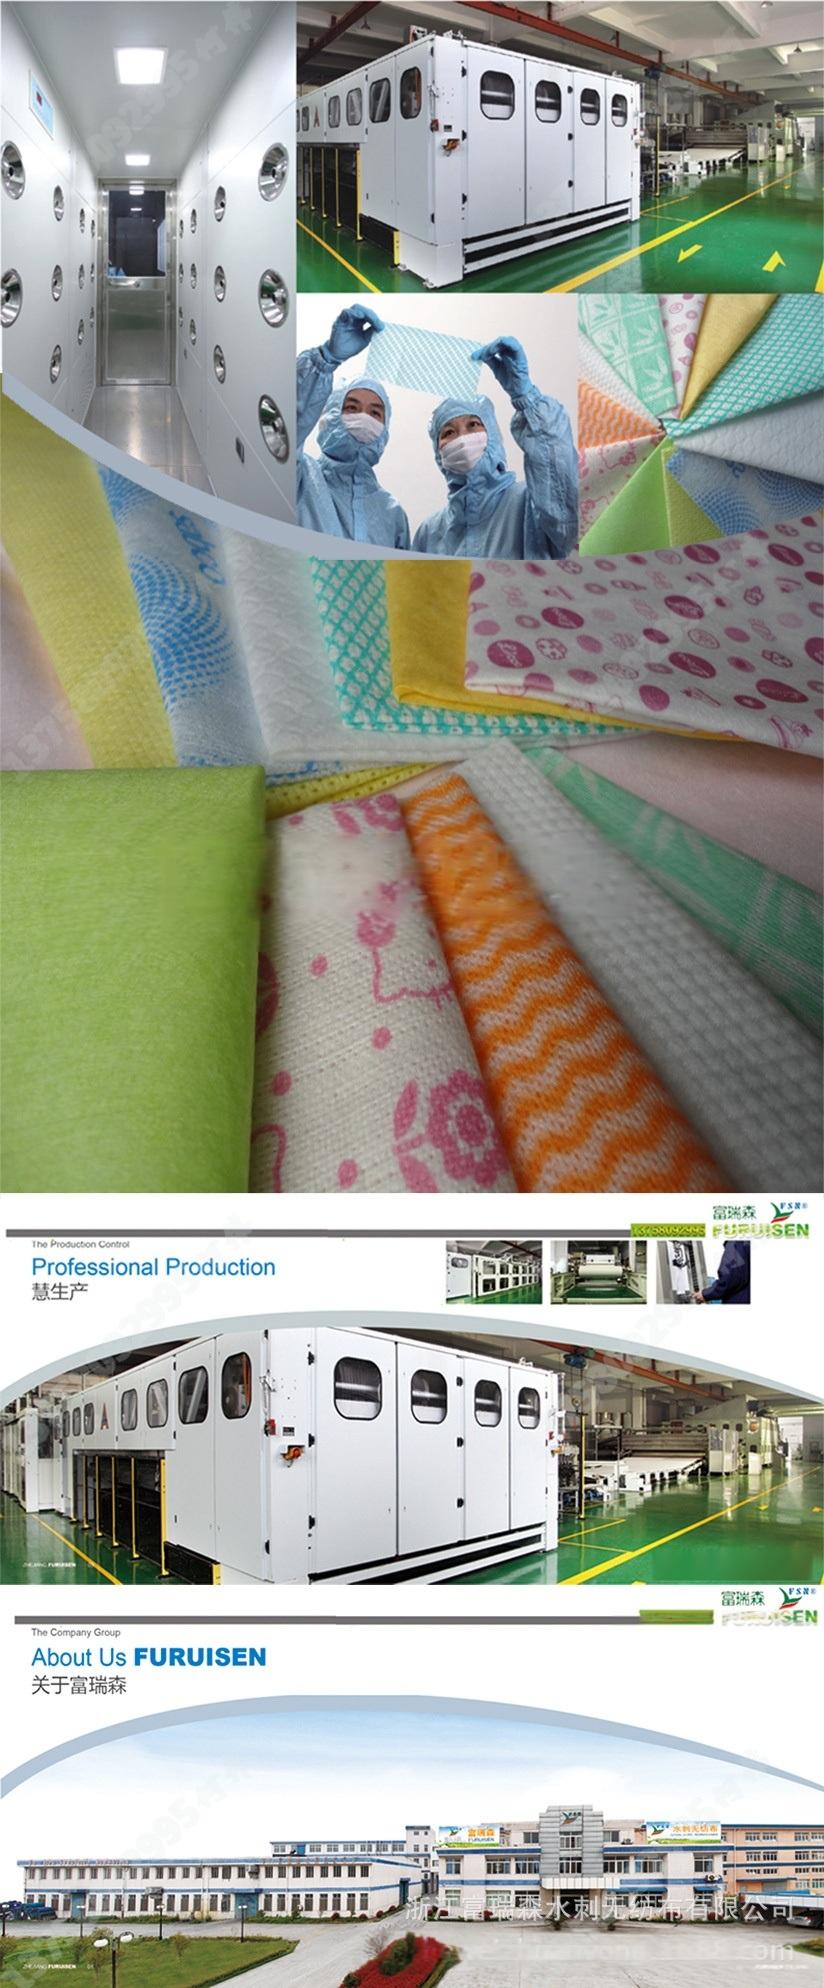 布料產品詳細簡介底圖2(824寬度)